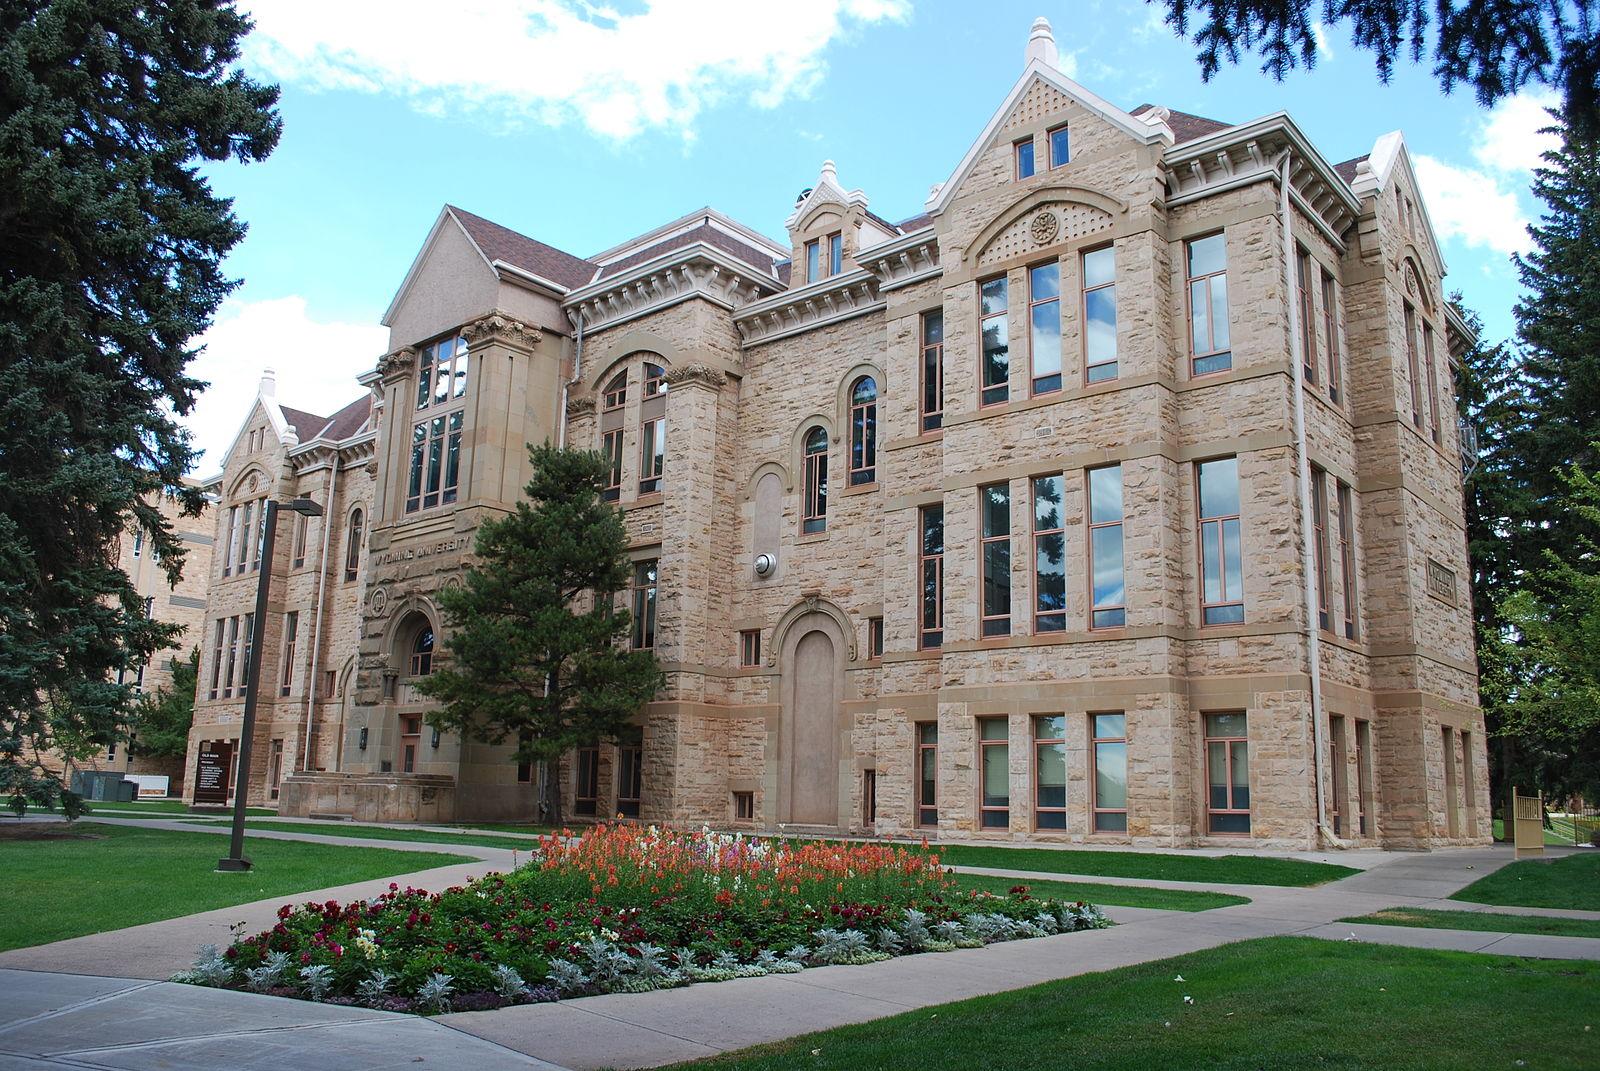 Old_Main_University_of_Wyoming_September_2012.JPG